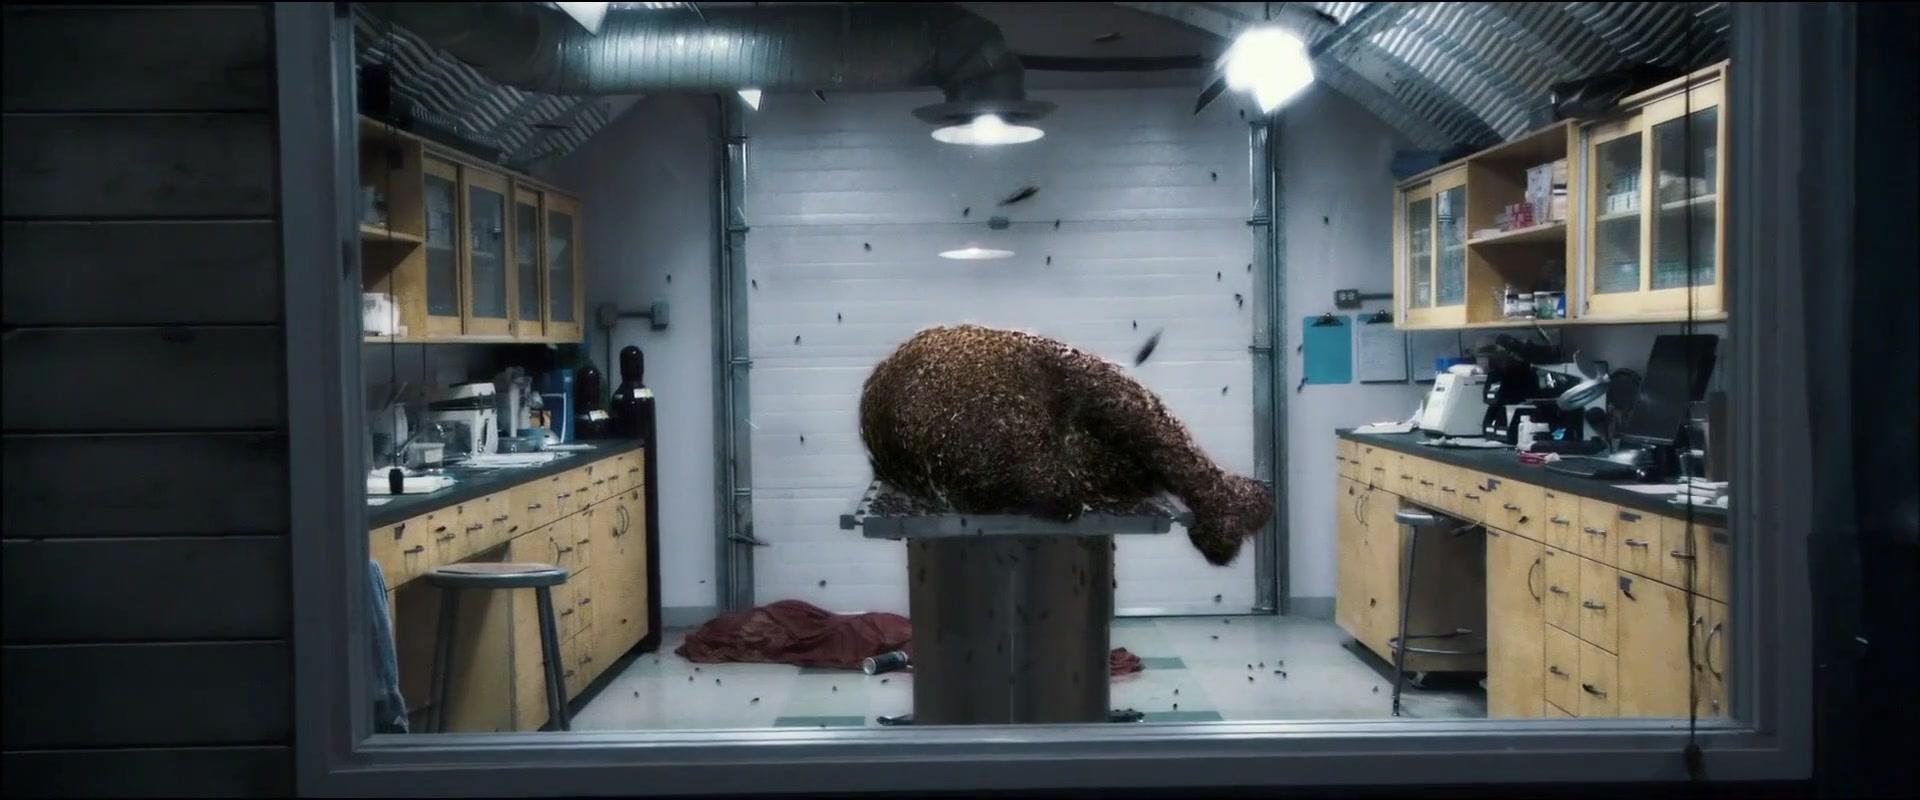 北极熊乱吃东西,被寄生后......